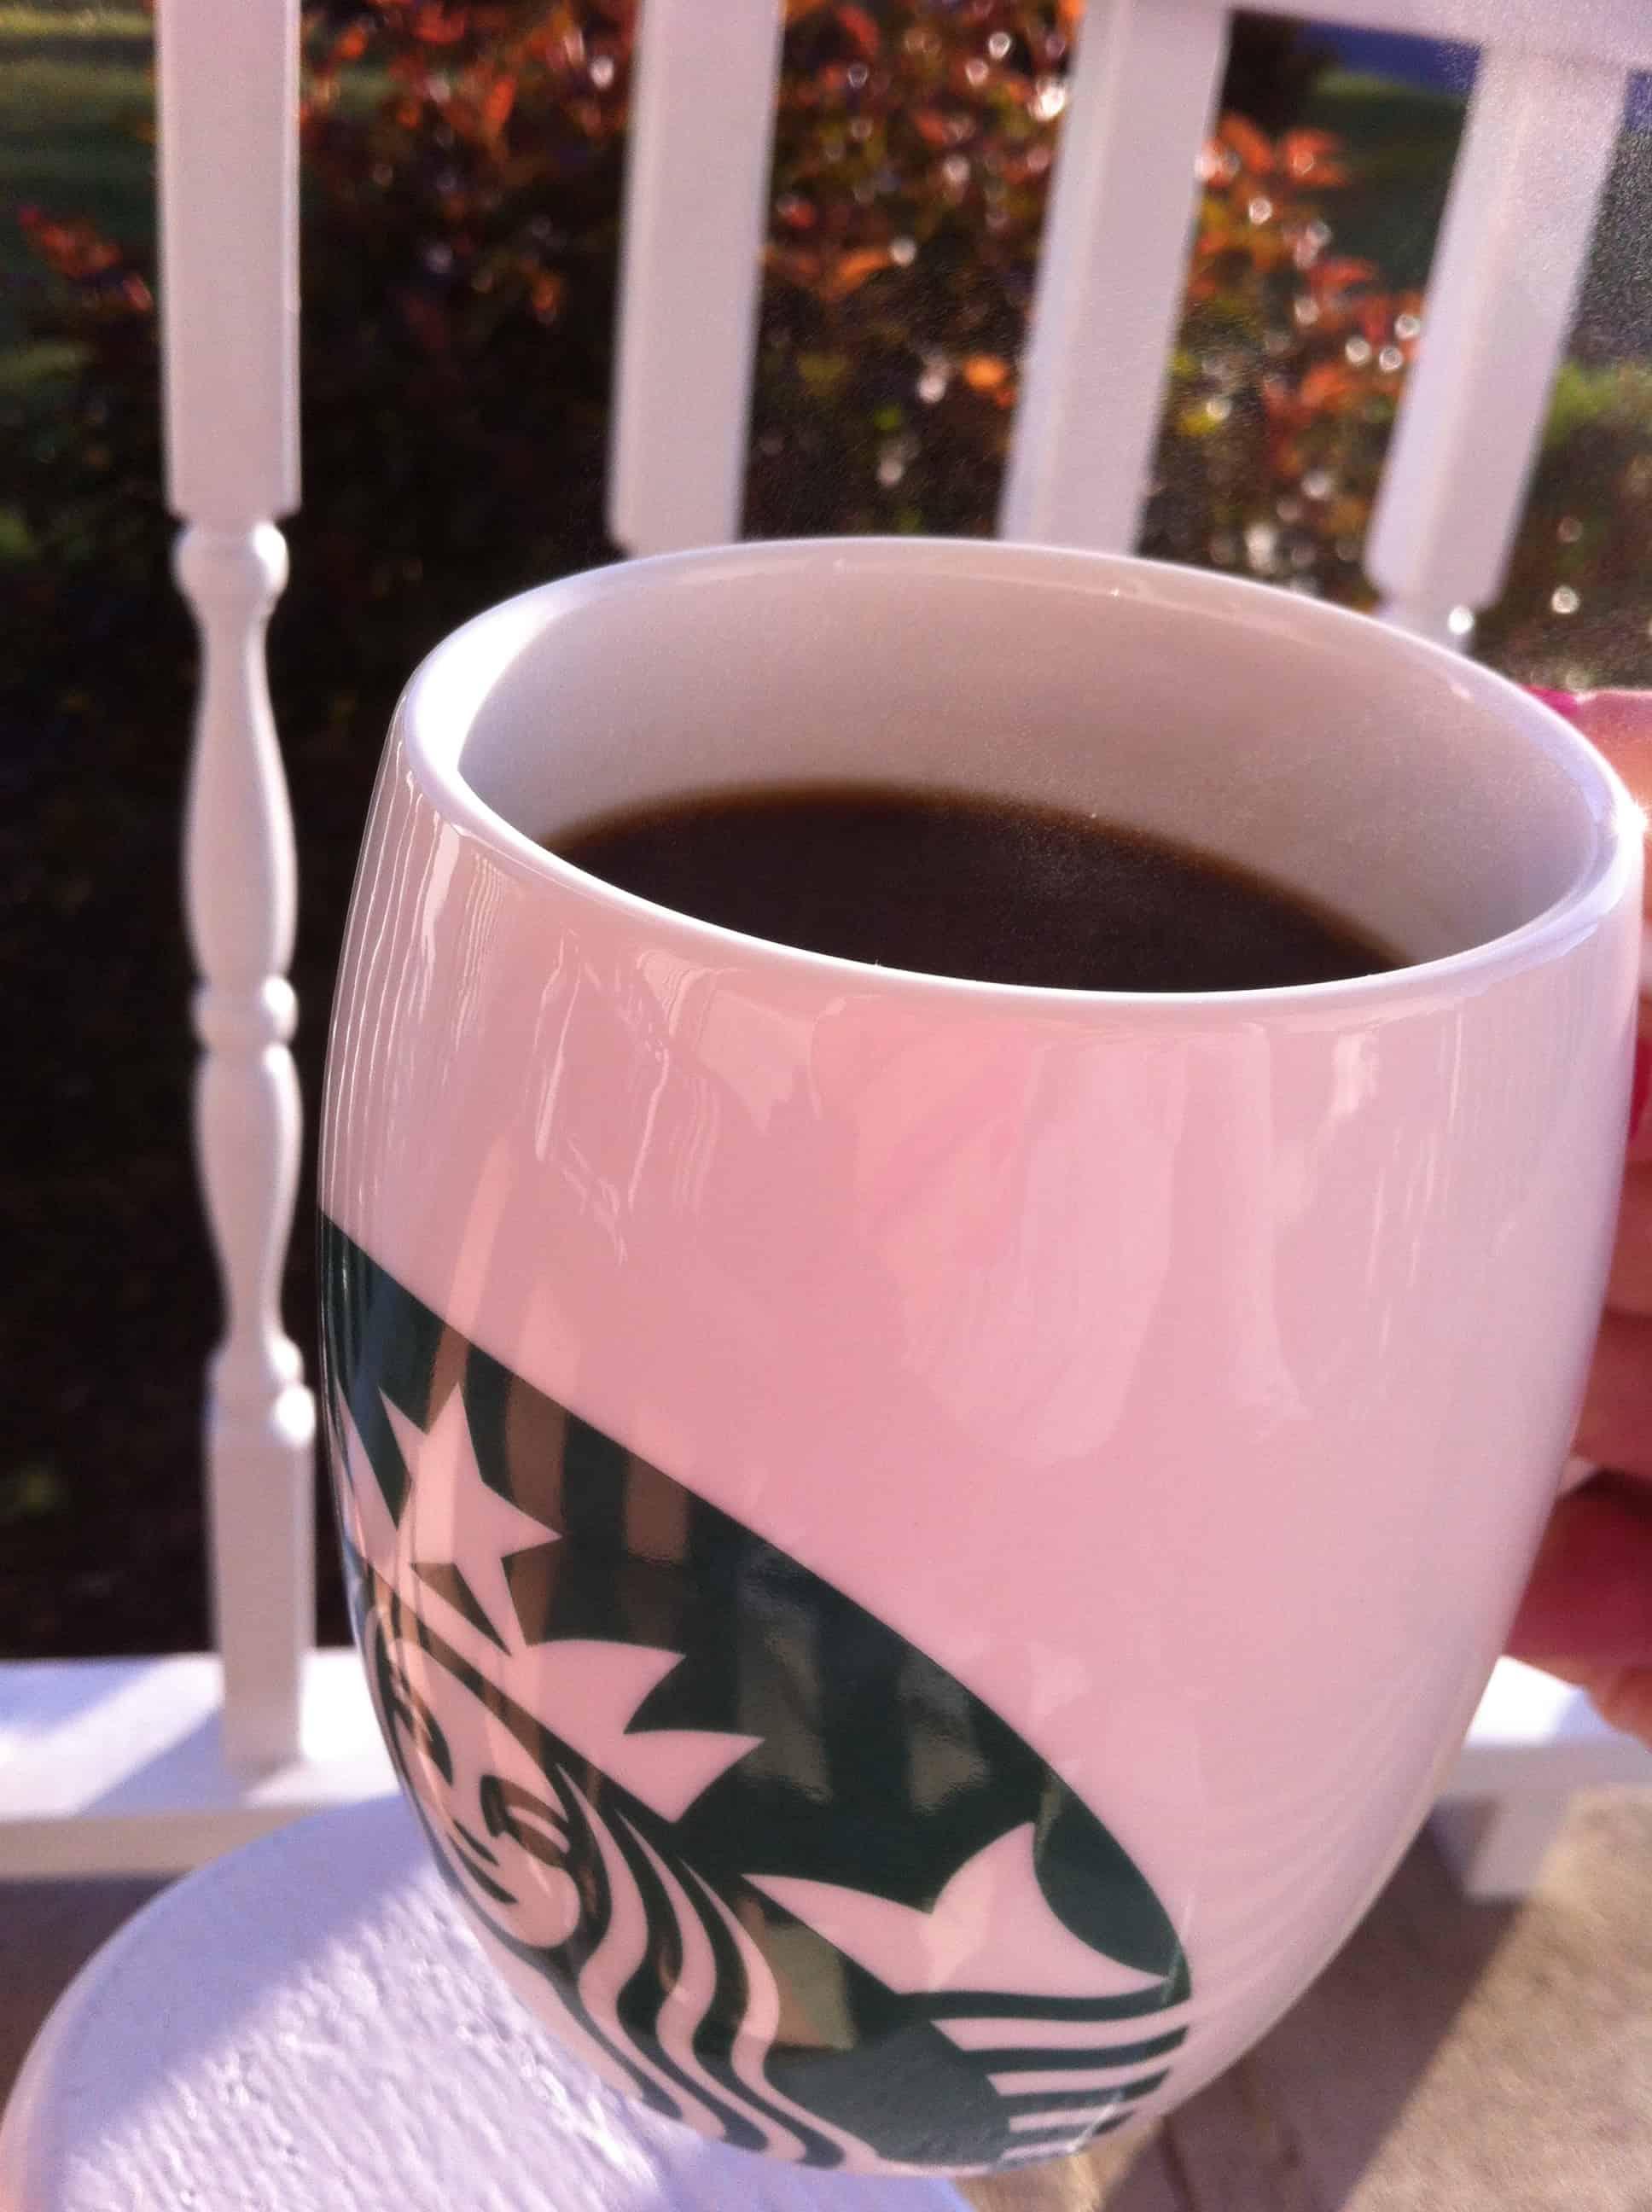 Coffee-starbucks-mug-momgotblog.com